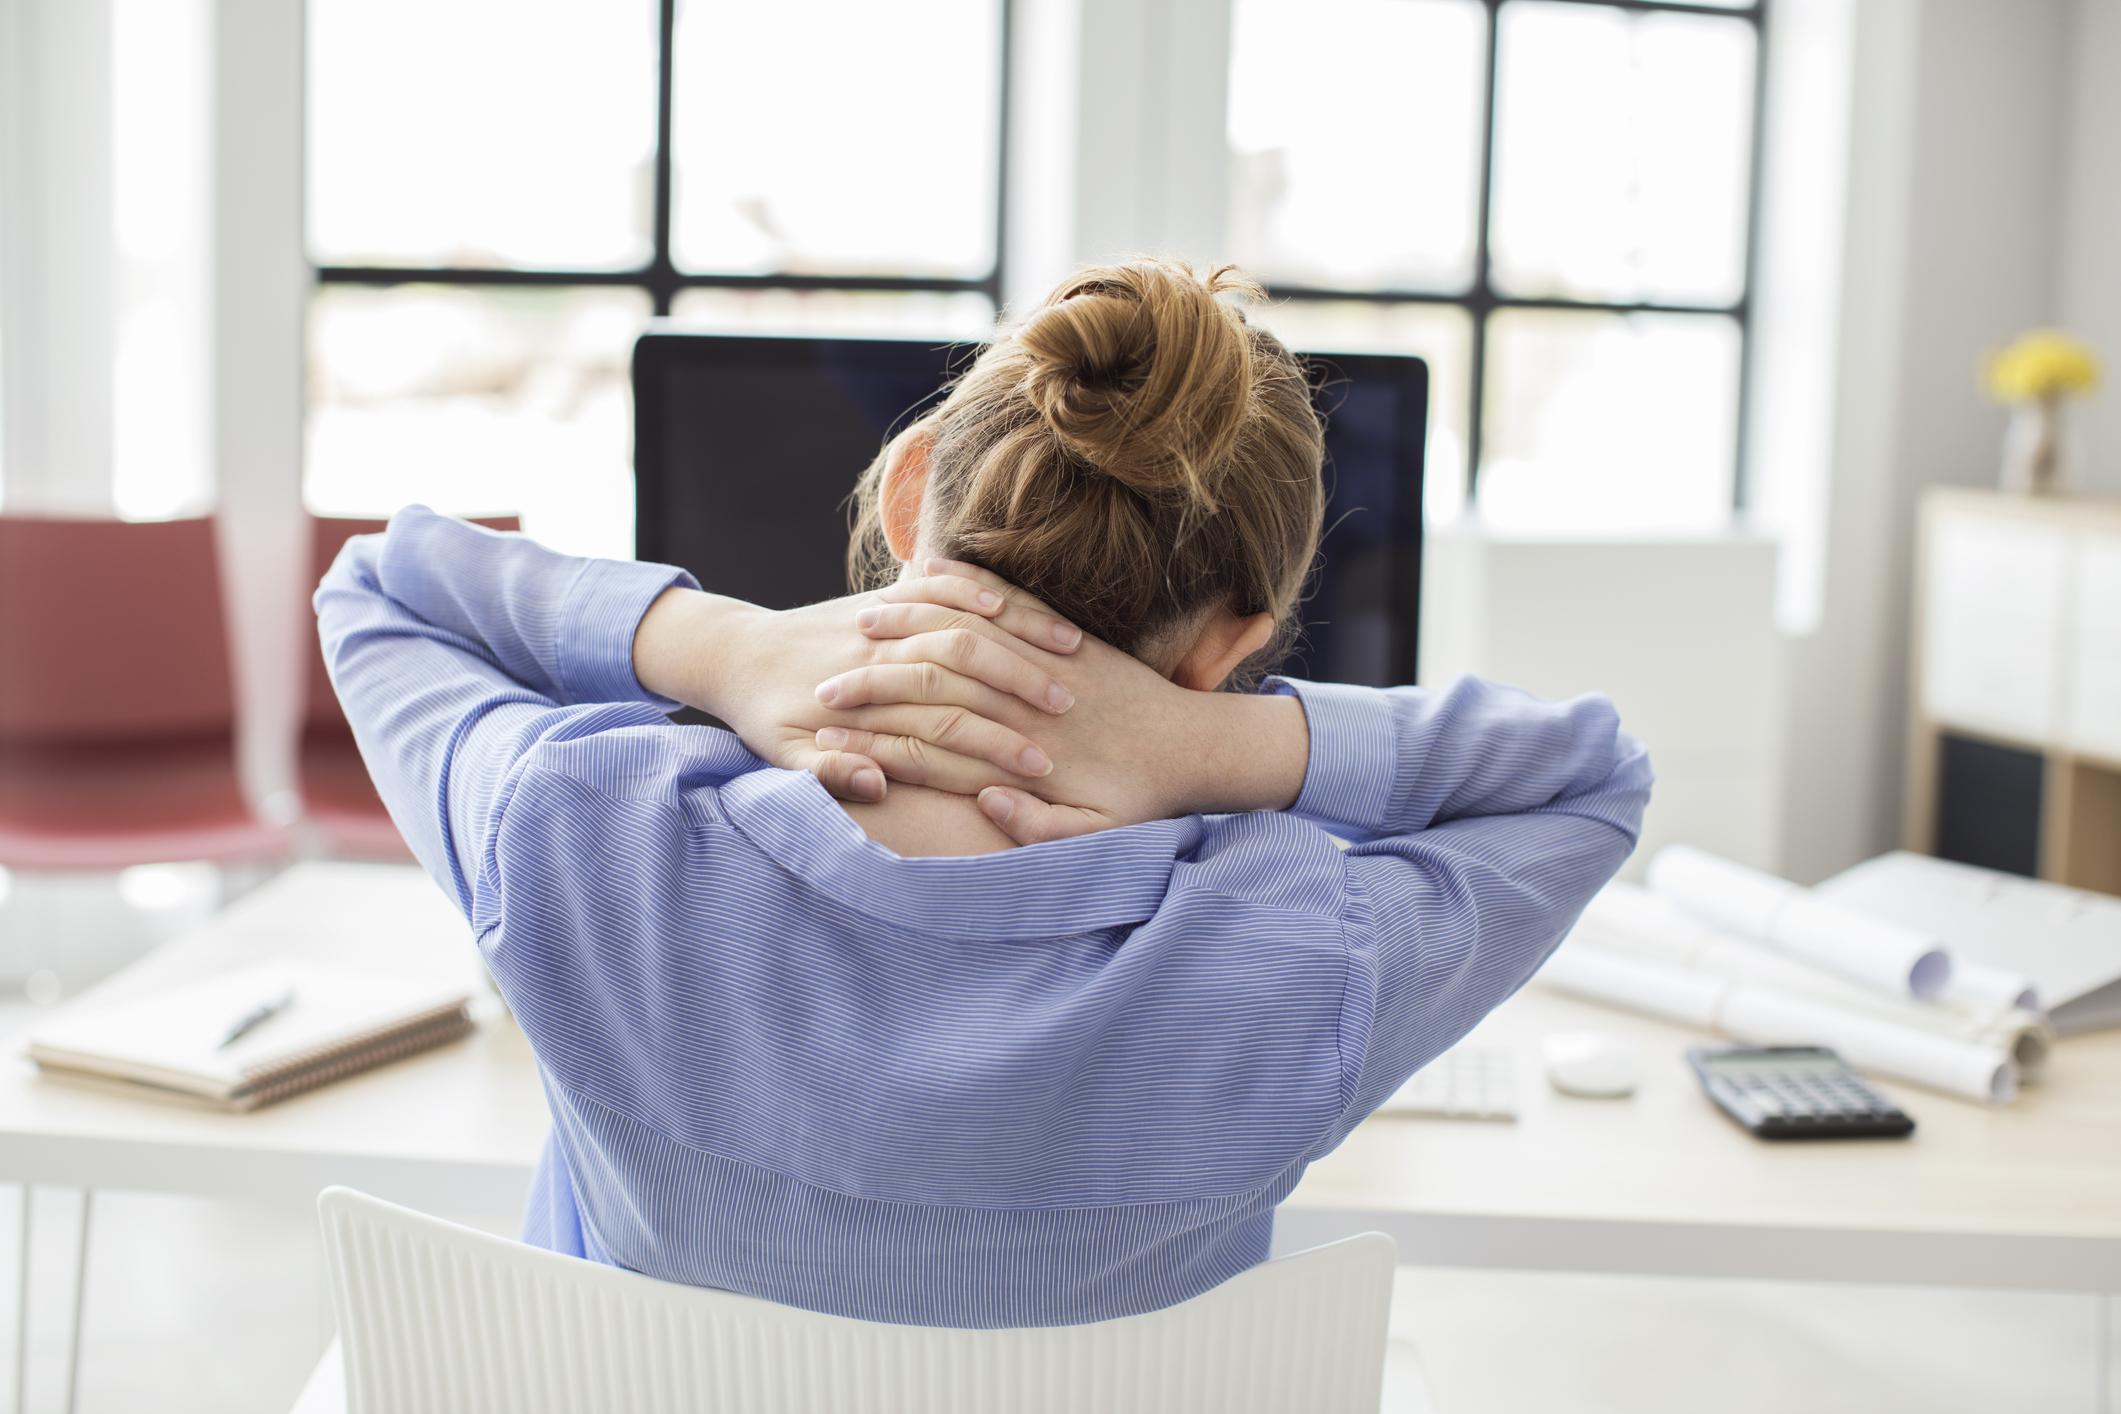 Легка робоча тренування для розслаблення м'язів шиї і плечей